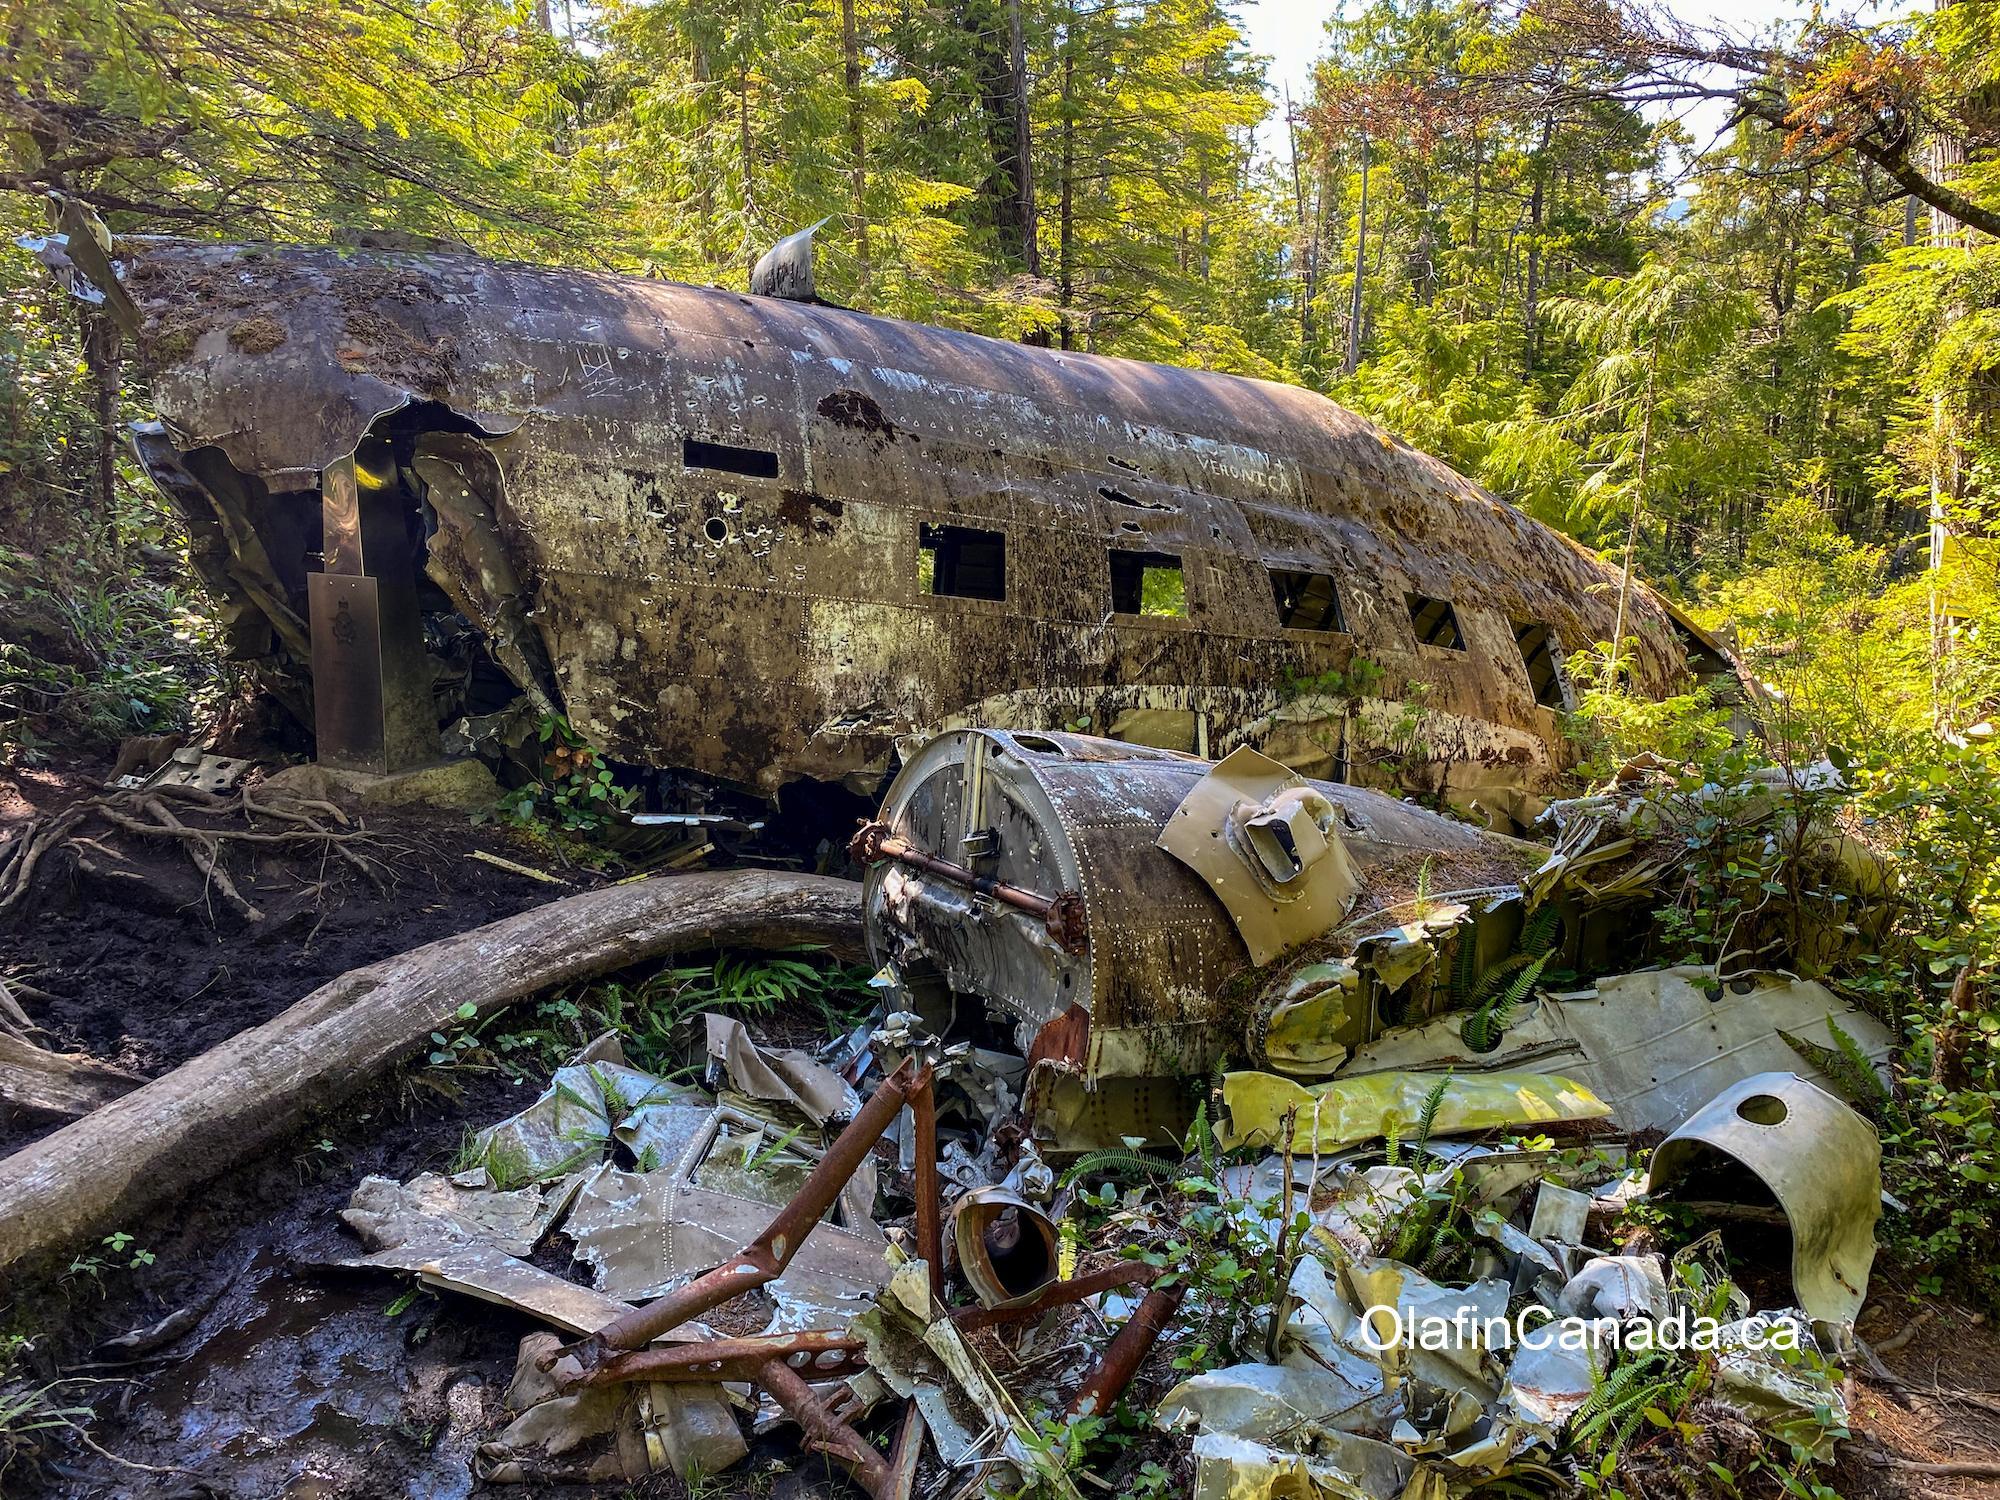 Dakota plane, crashed in 1944 near Port Hardy on Vancouver Island #olafincanada #britishcolumbia #discoverbc #abandoned #crashed #dakota